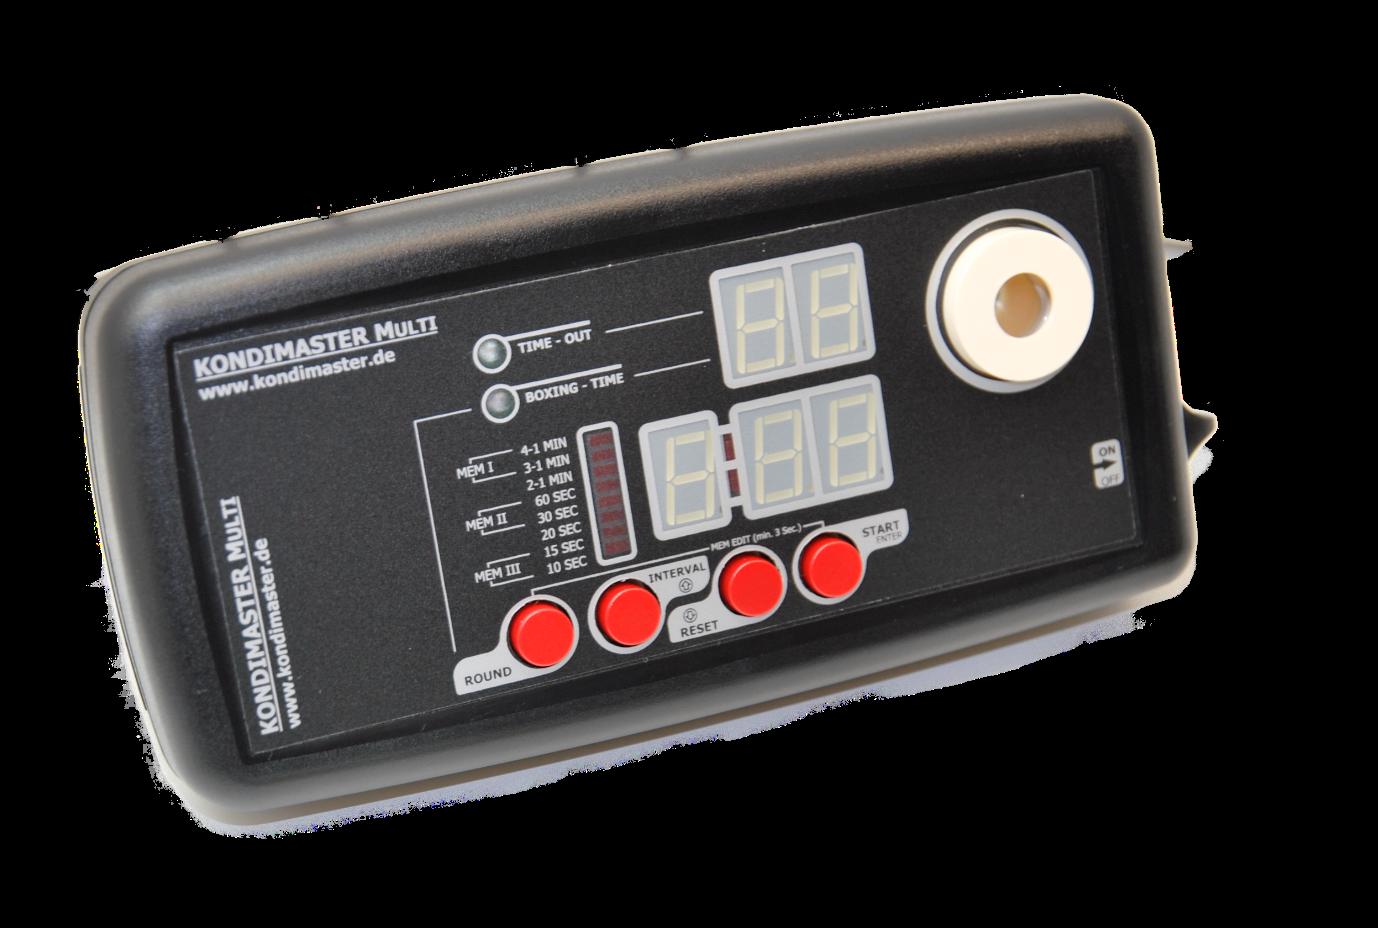 KondiMaster MULTI, Intervall Timer mit Display und frei programmierbaren Zeiten.